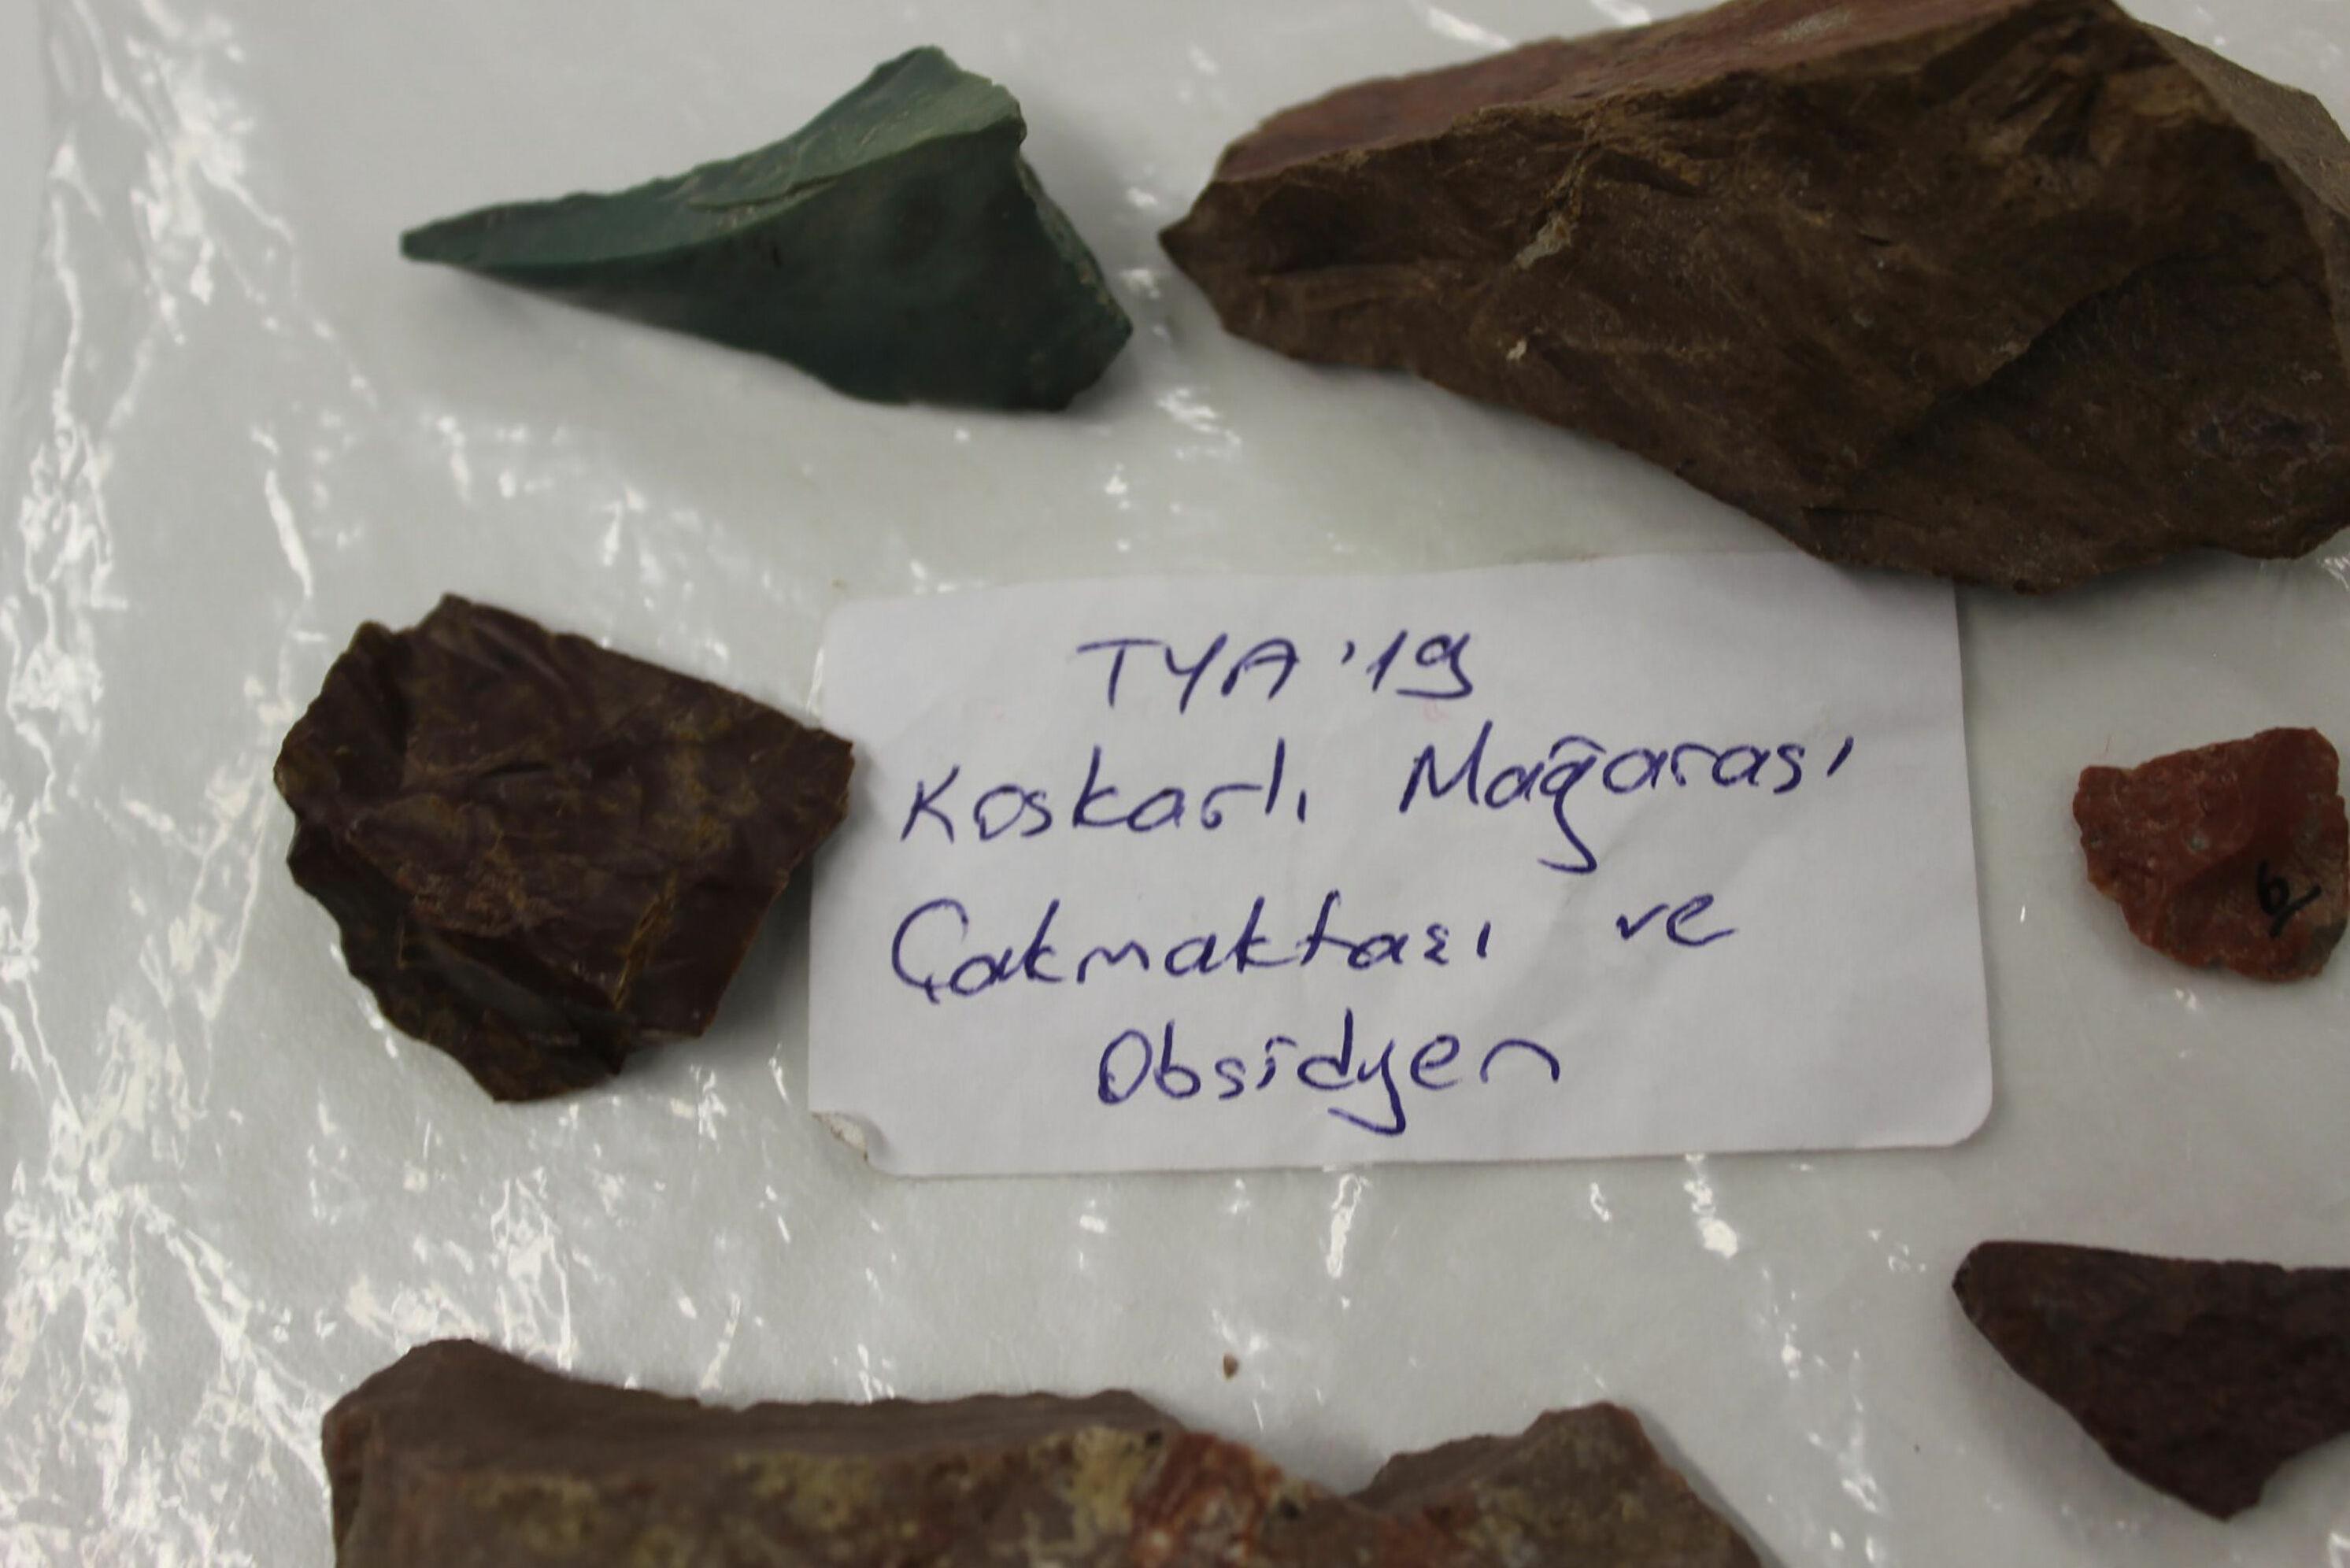 Trabzon'da M.Ö. 11 bin yılına ait ilk insanların kullandığı taş aletler bulundu